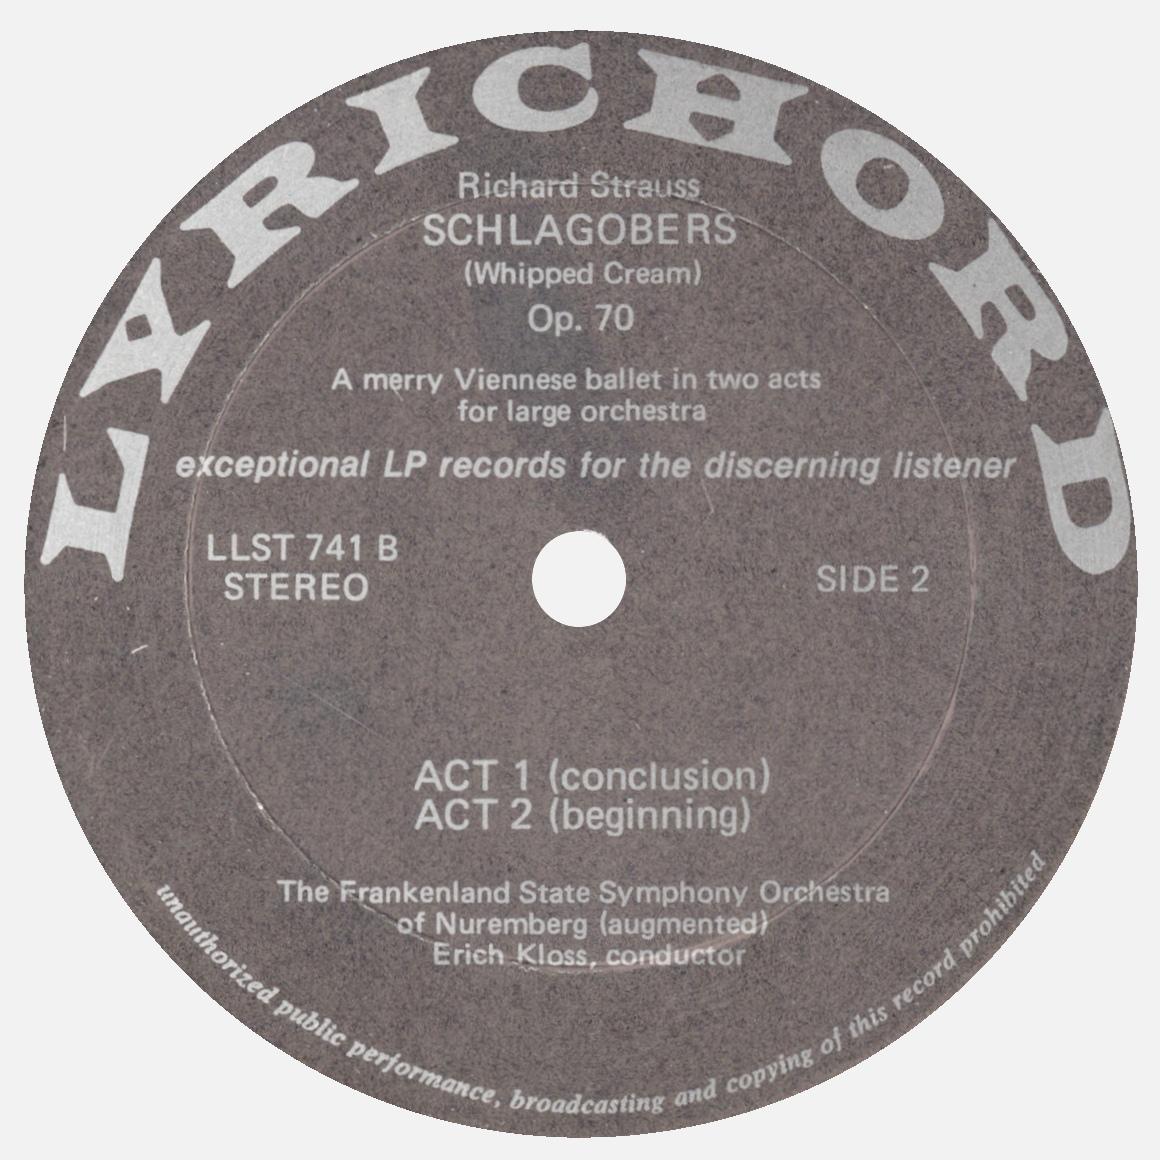 Étiquette verso du 1er disque de l'album Lyrichord LLST 741